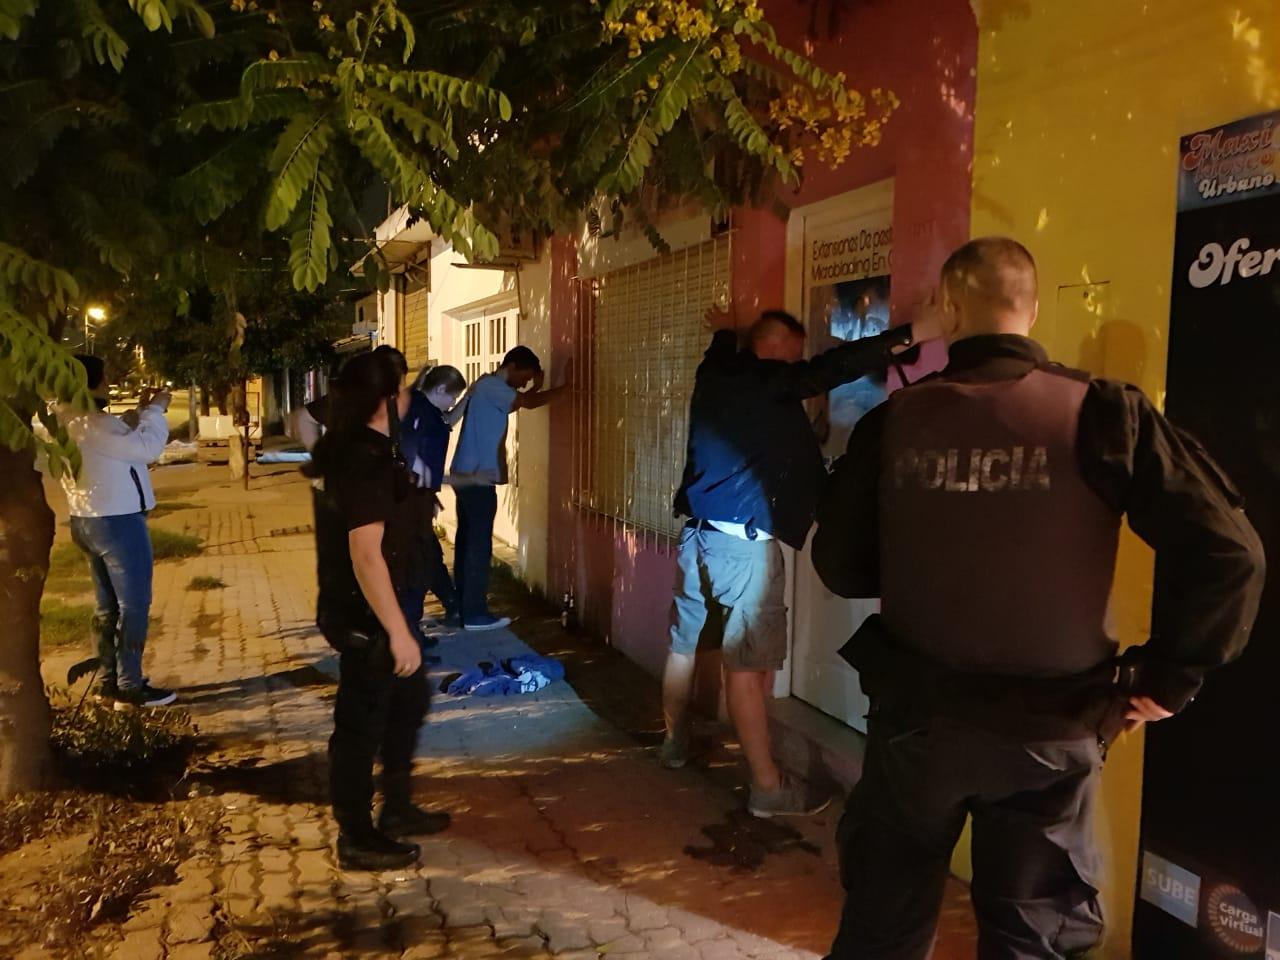 Municipio llevó a cabo diferentes operativos de seguridad en la ciudad